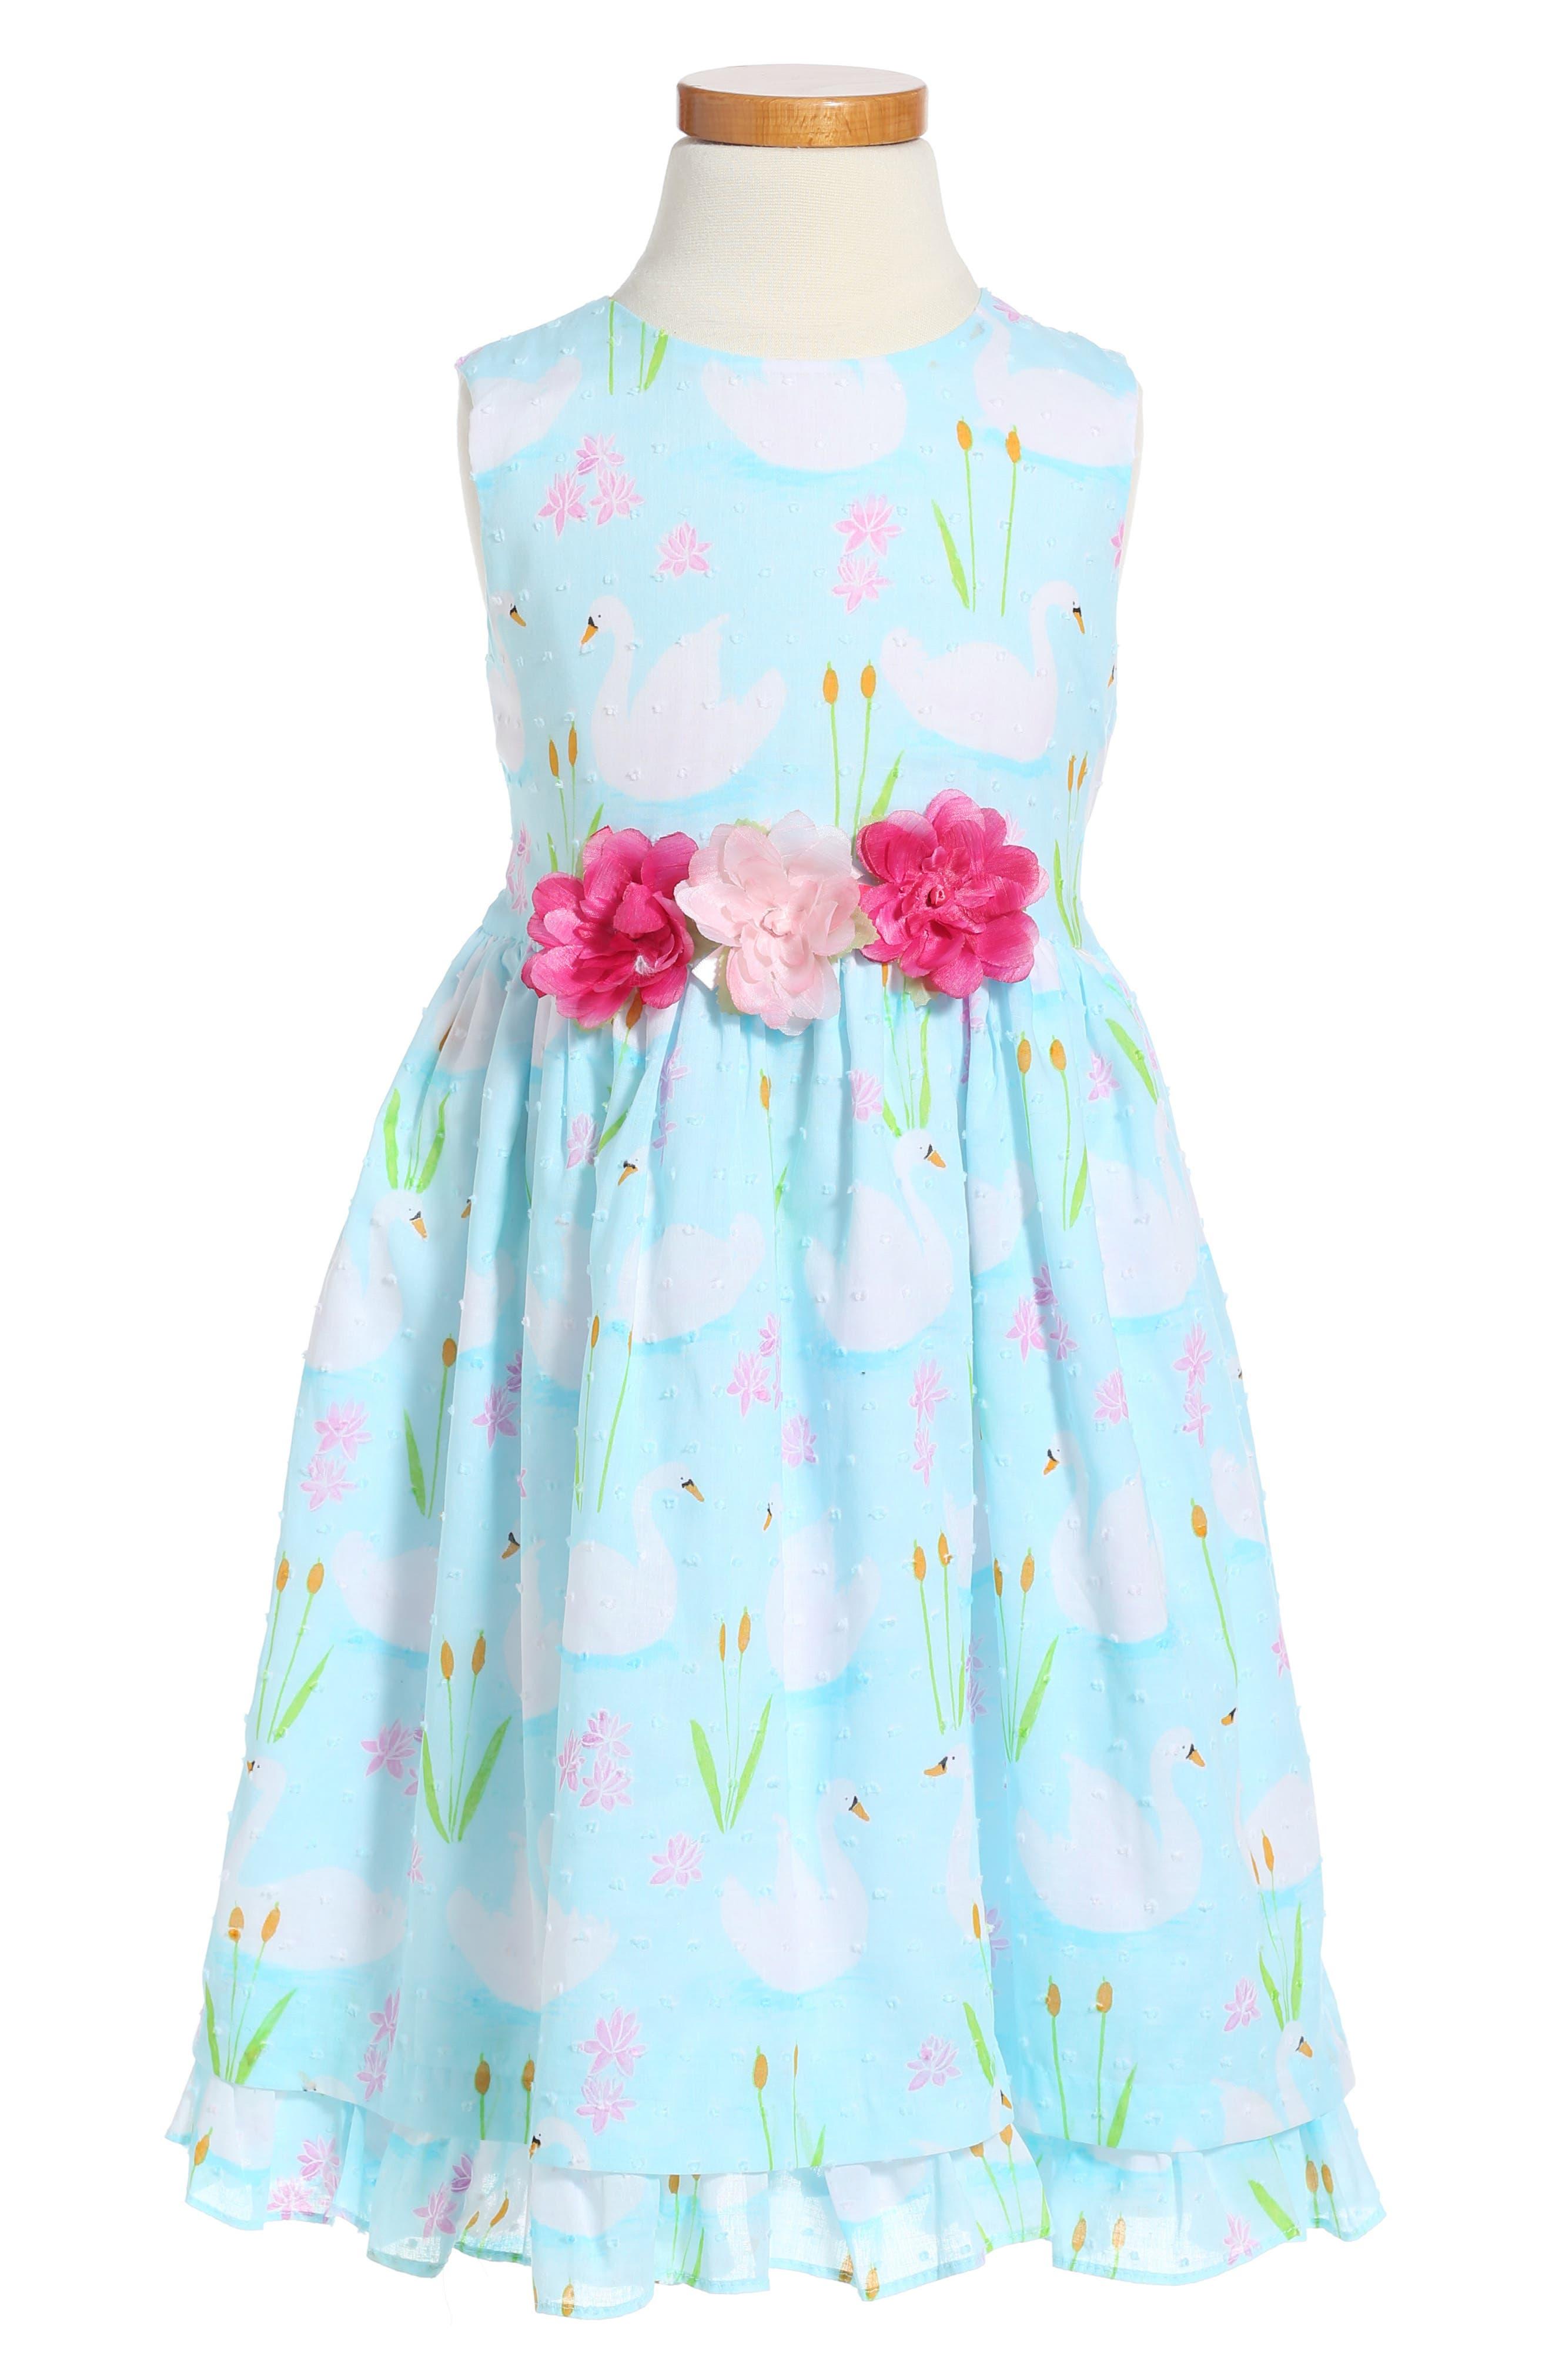 Pippa & Julie Swan Print Dress (Toddler Girls & Little Girls)